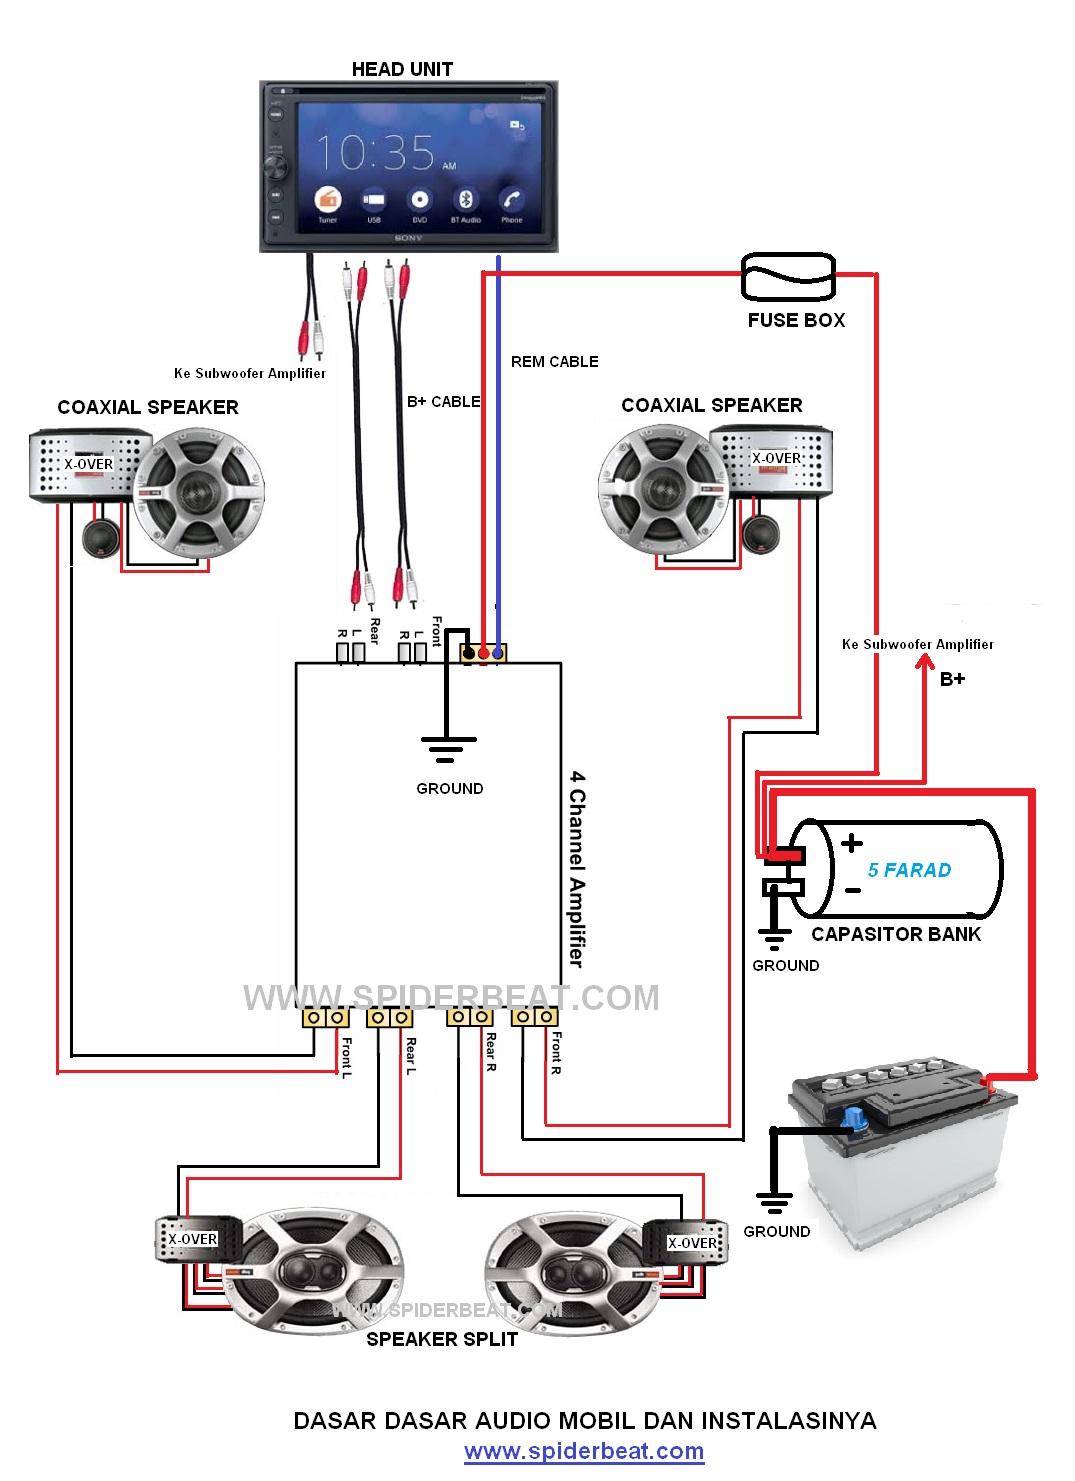 Dasar audio mobil dan instalasinya